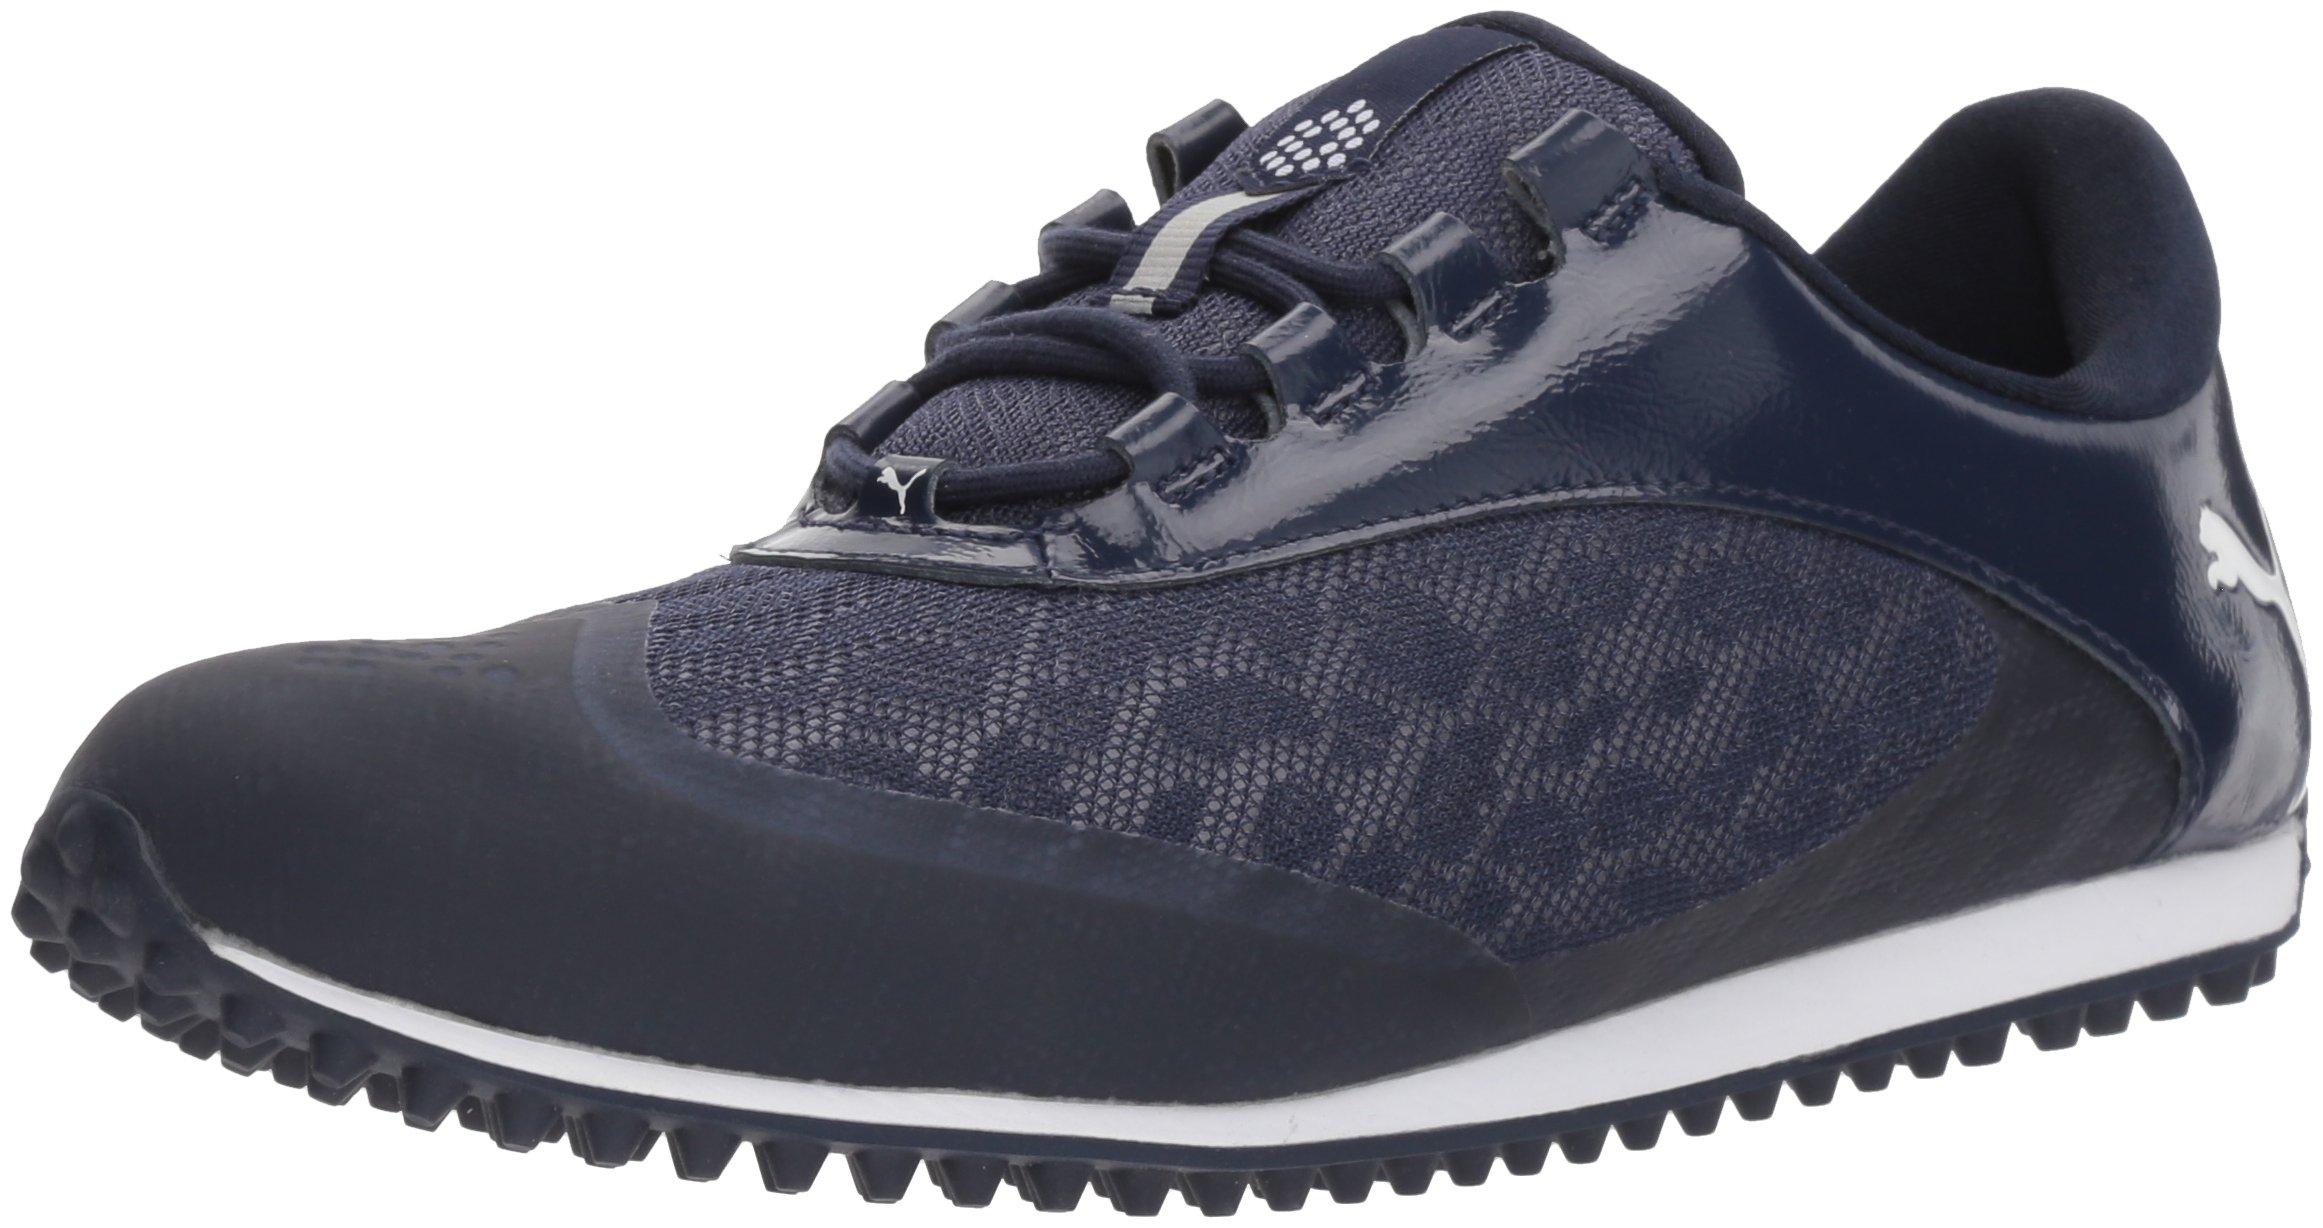 PUMA Golf Women's Summercat Sport Golf Shoe, Peacoat/White, 8.5 Medium US